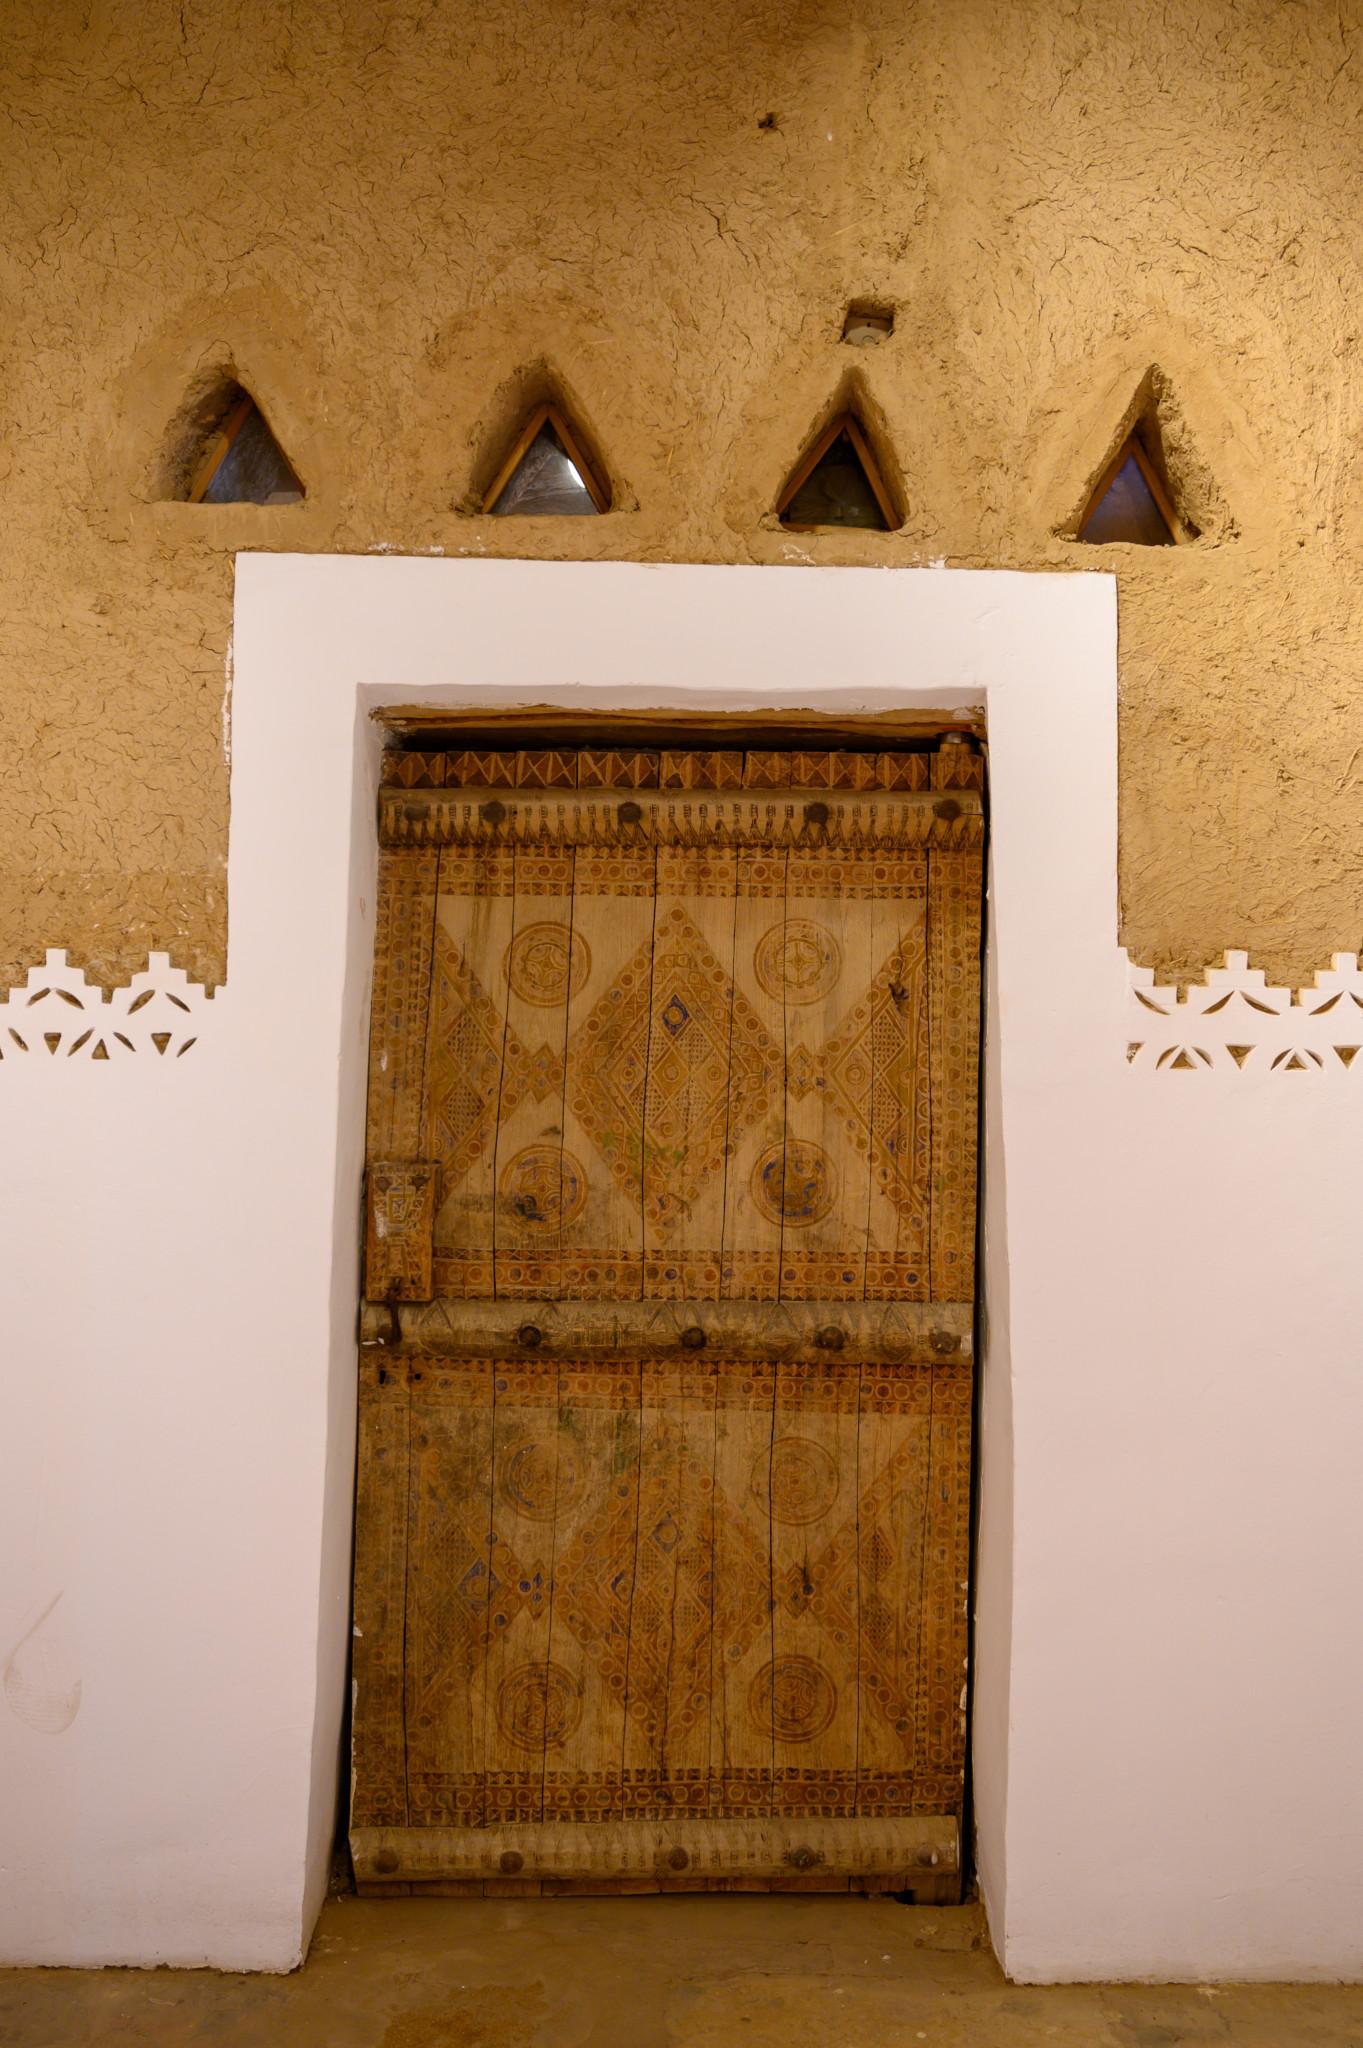 Alte Türen findet man in Riad überall